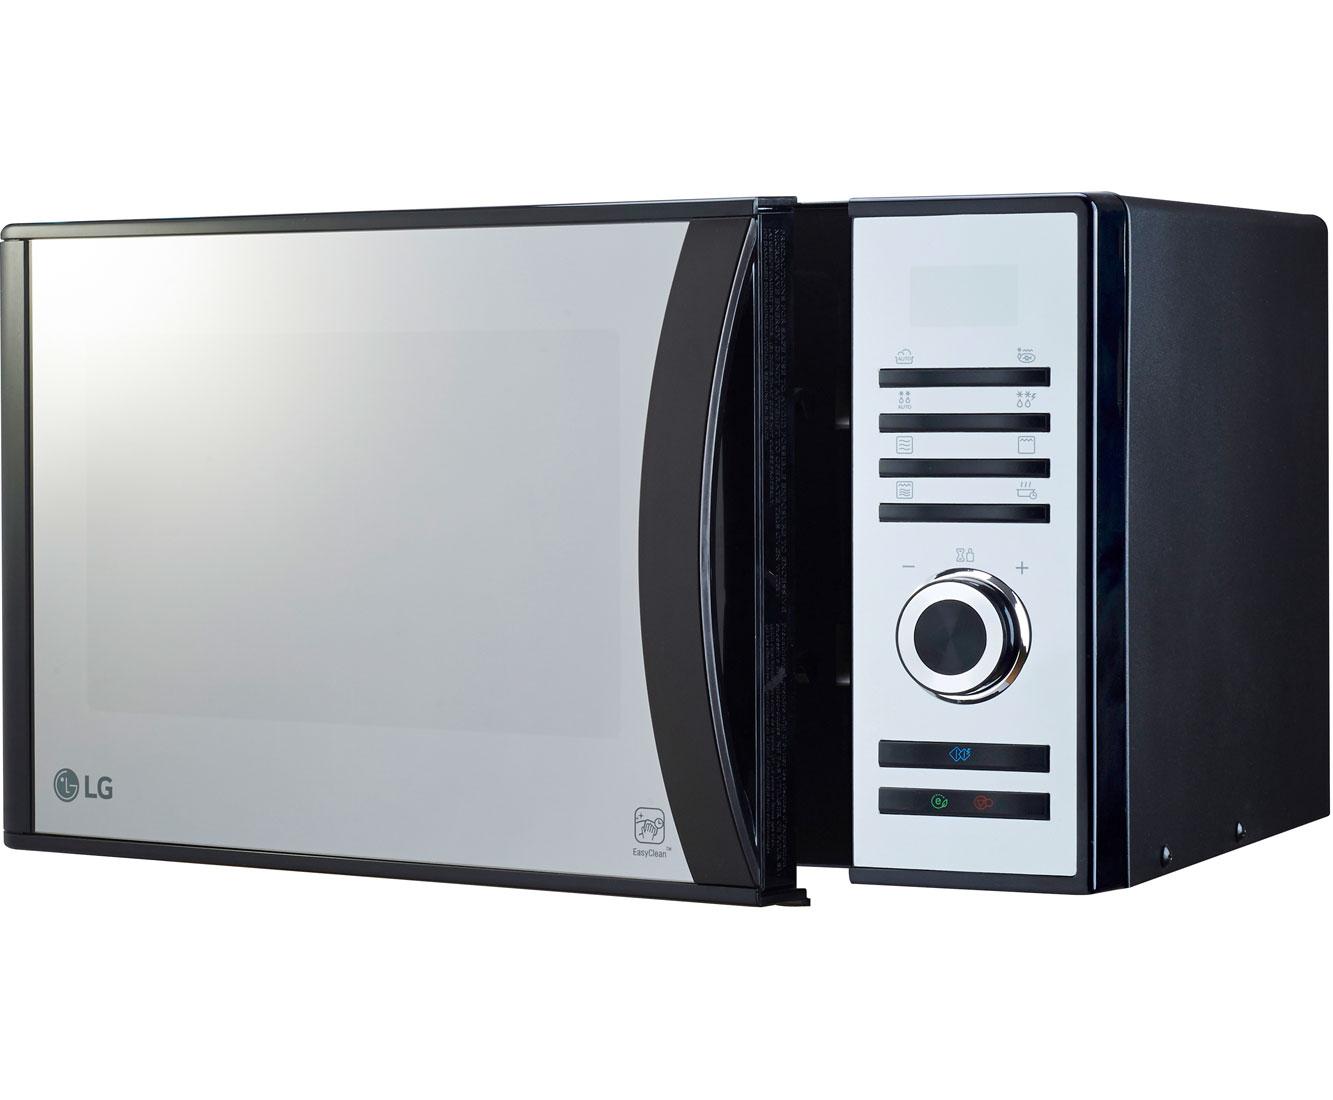 LG MS 2384 BAR Mikrowelle, @saturn.de